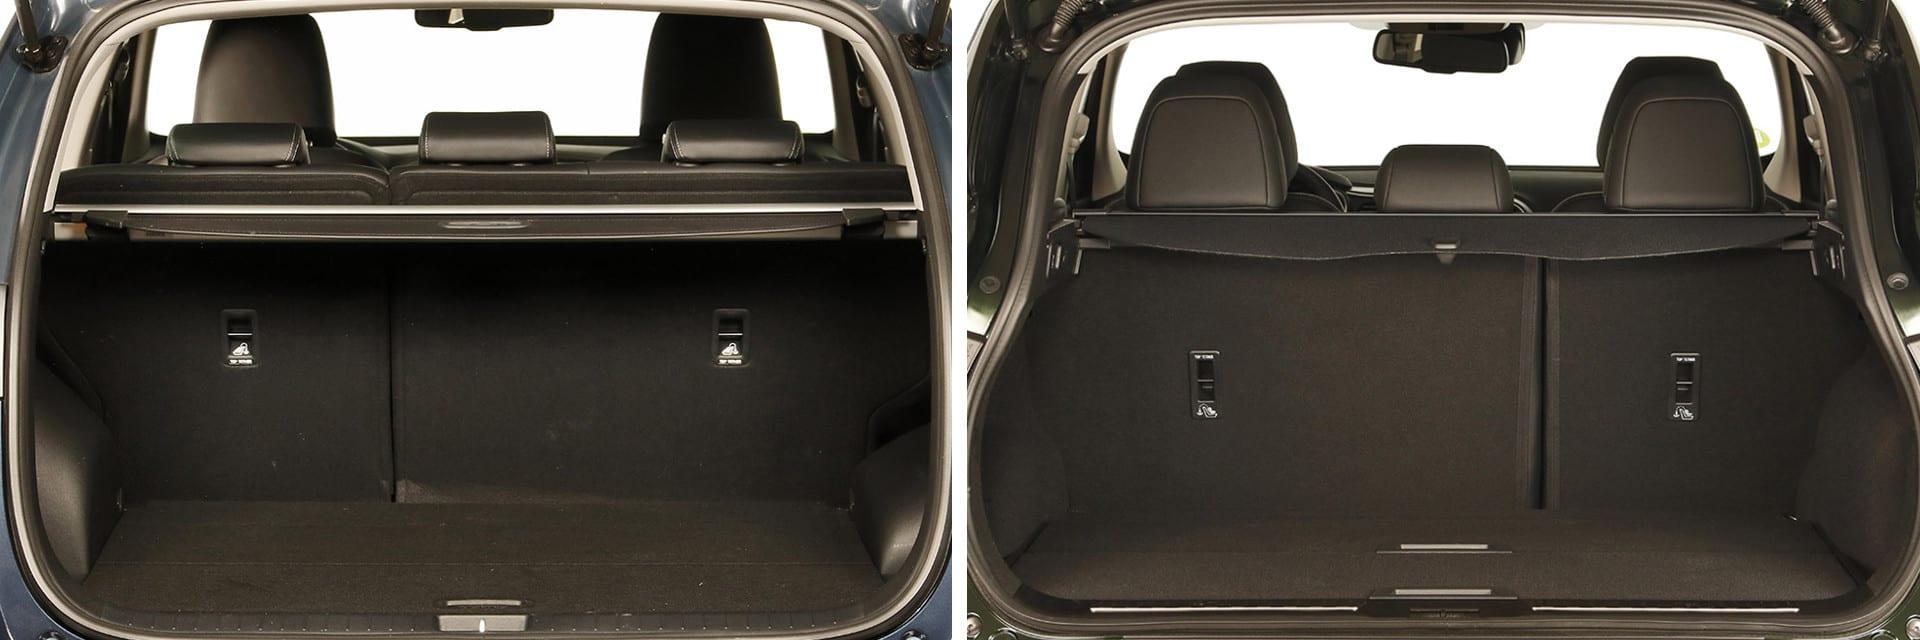 La capacidad del maletero del Sportage (izq.) es de 503 litros, 31 litros más que en el Renault Kadjar (dcha.) / km77